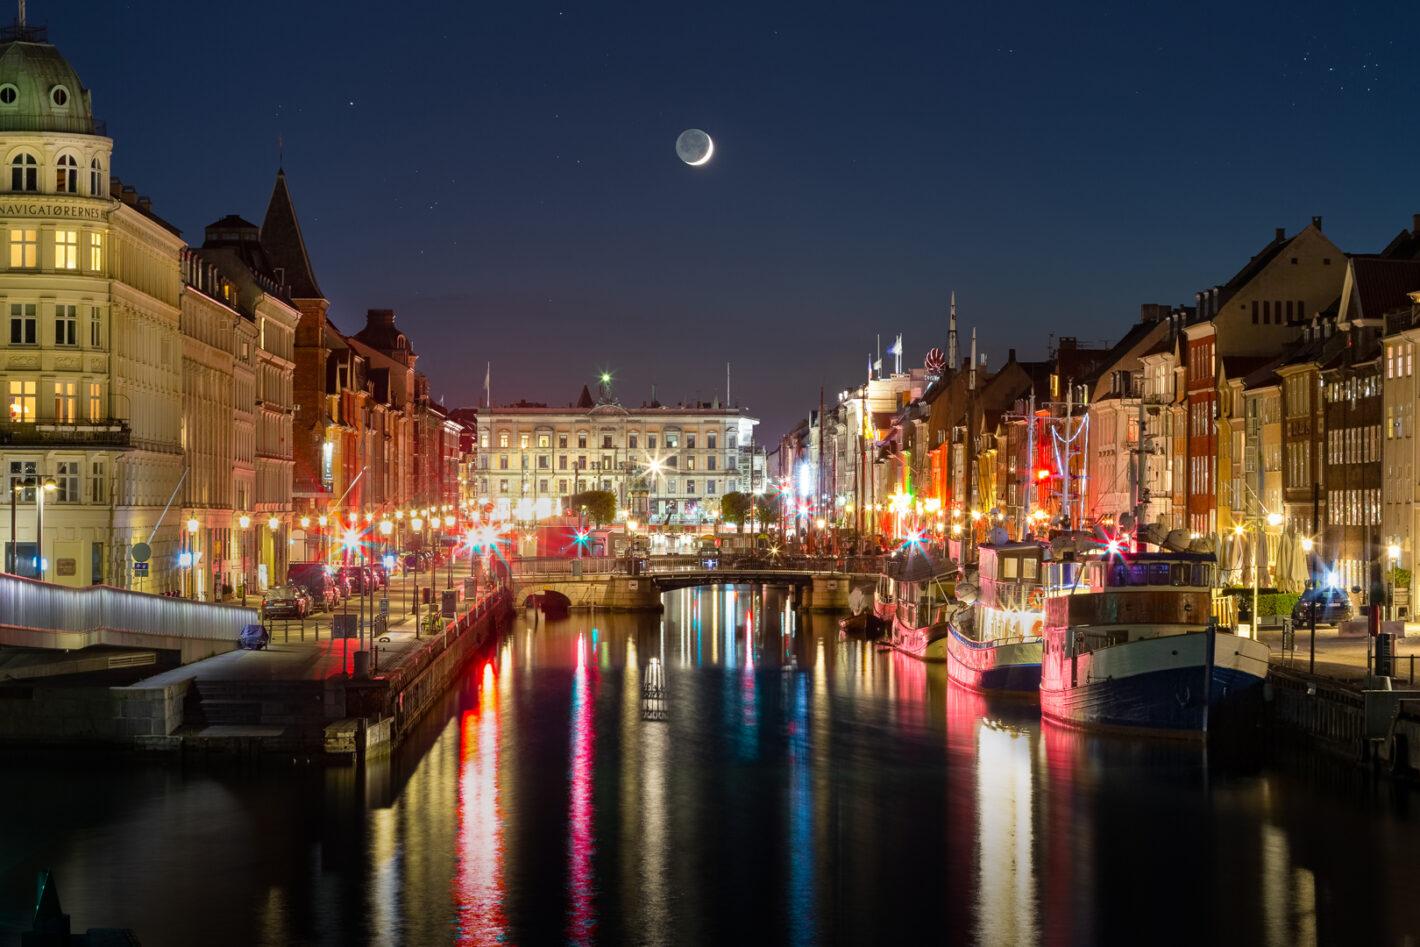 Waxing crescent Moon over Nyhavn, Copenhagen, Danmark. Canon 5DIII, 70-300mm, 20sec et 3.2sec, 2 images, 400iso, F16 et F4